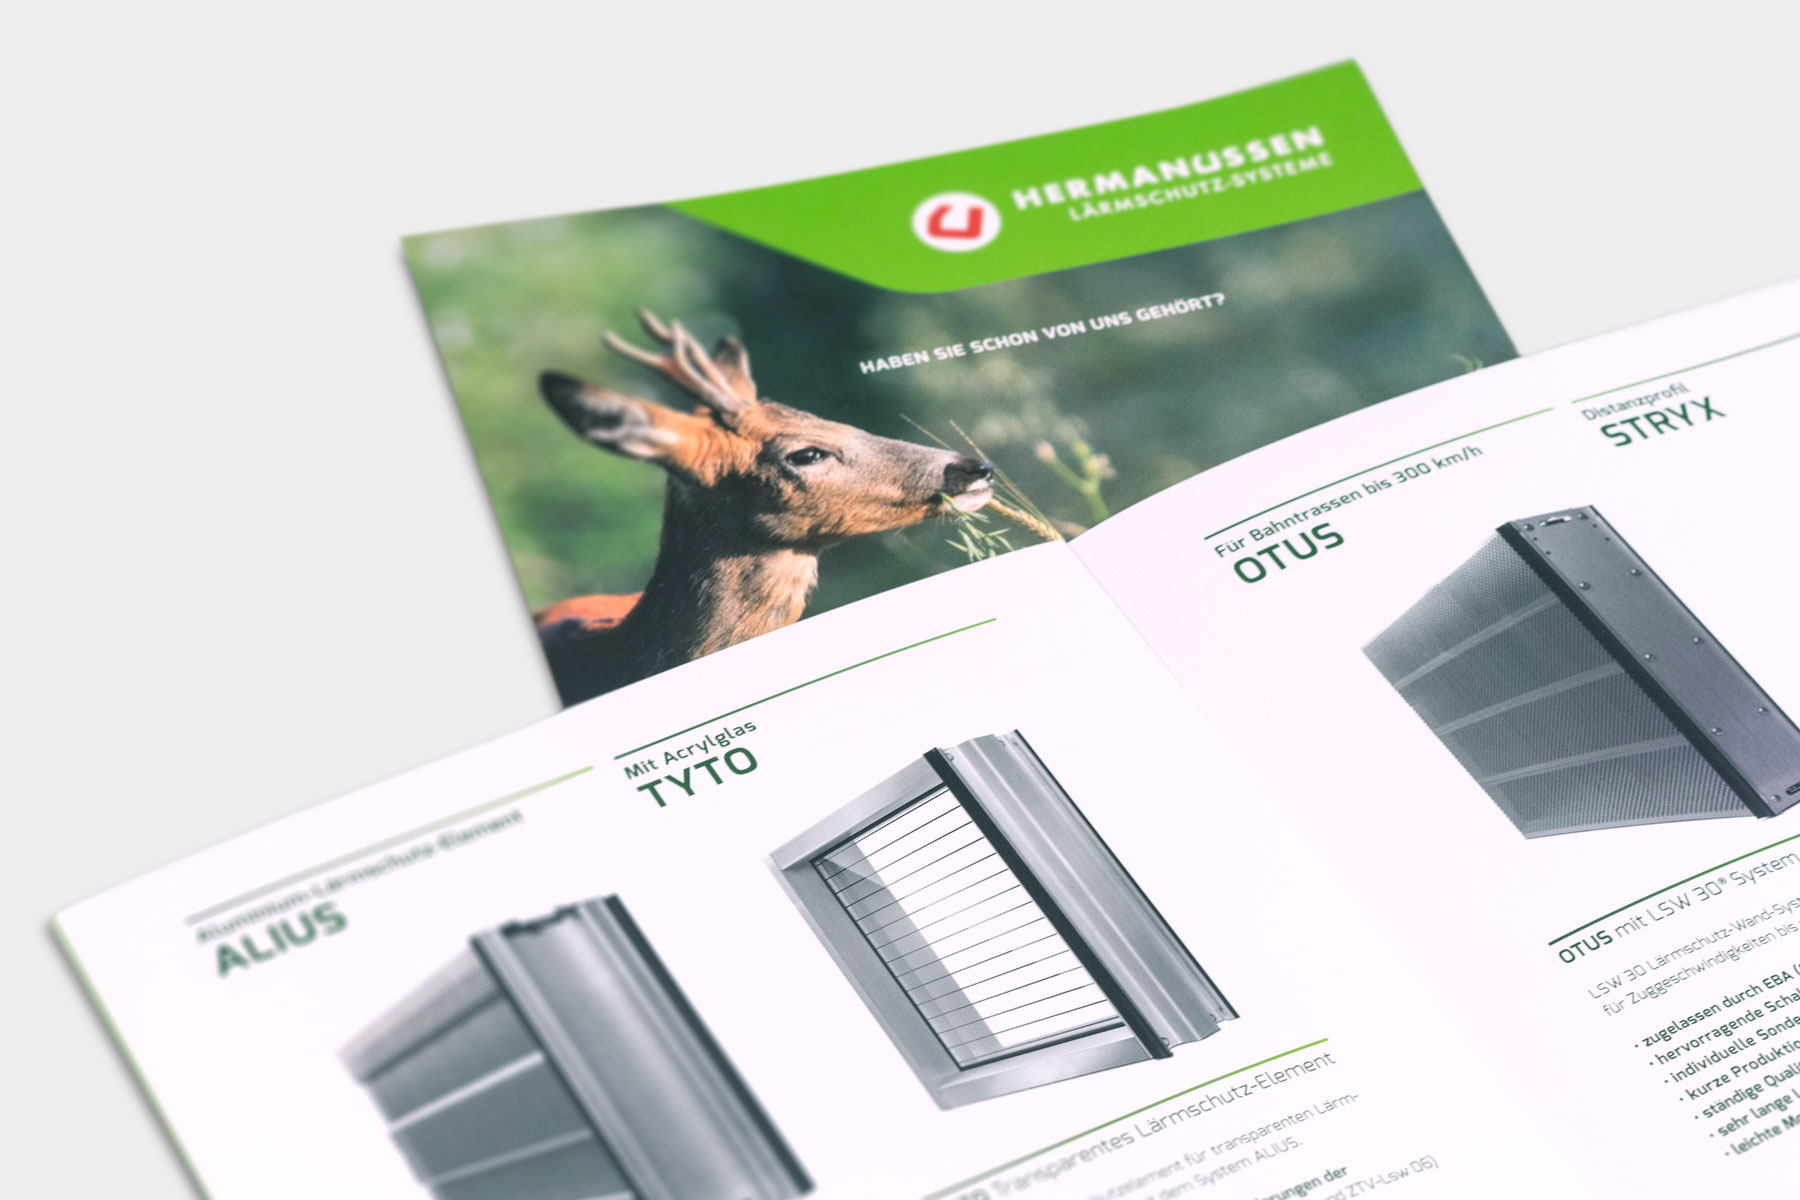 tooldesign-web-hermanussen-broschuere